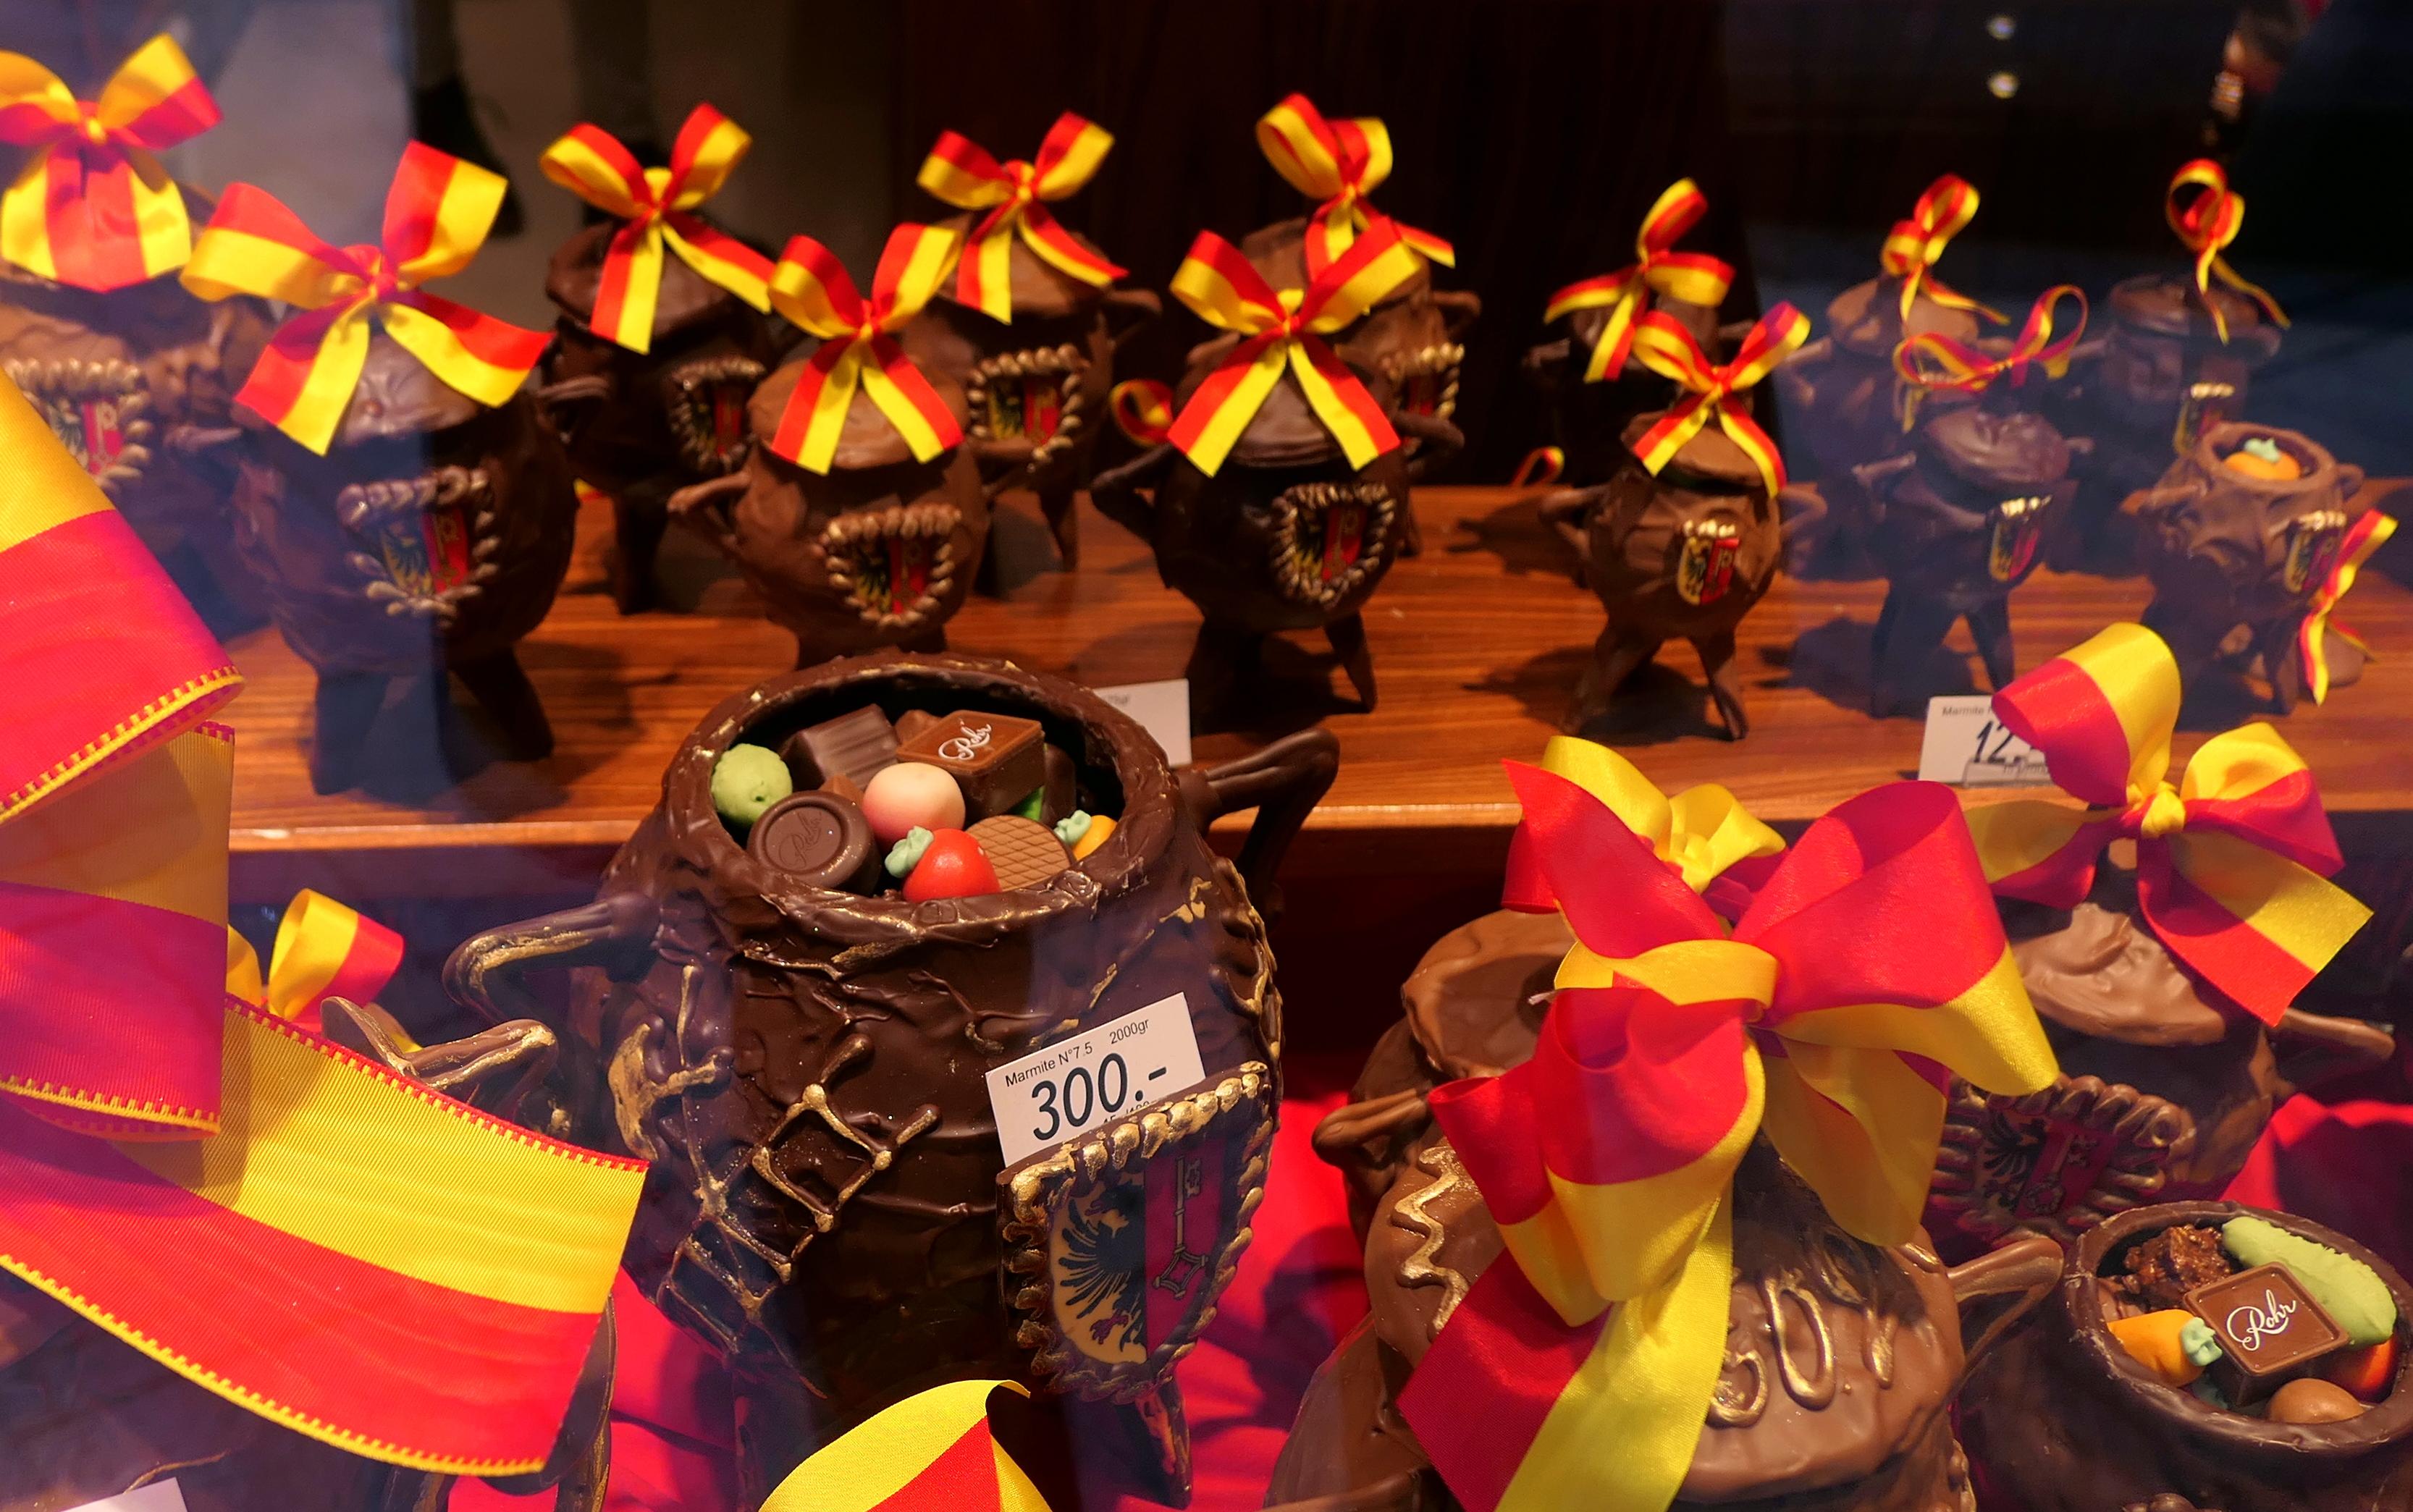 Smashing a Chocolate Cauldron for Geneva's Fête de l'Escalade – CUISINE HELVETICA